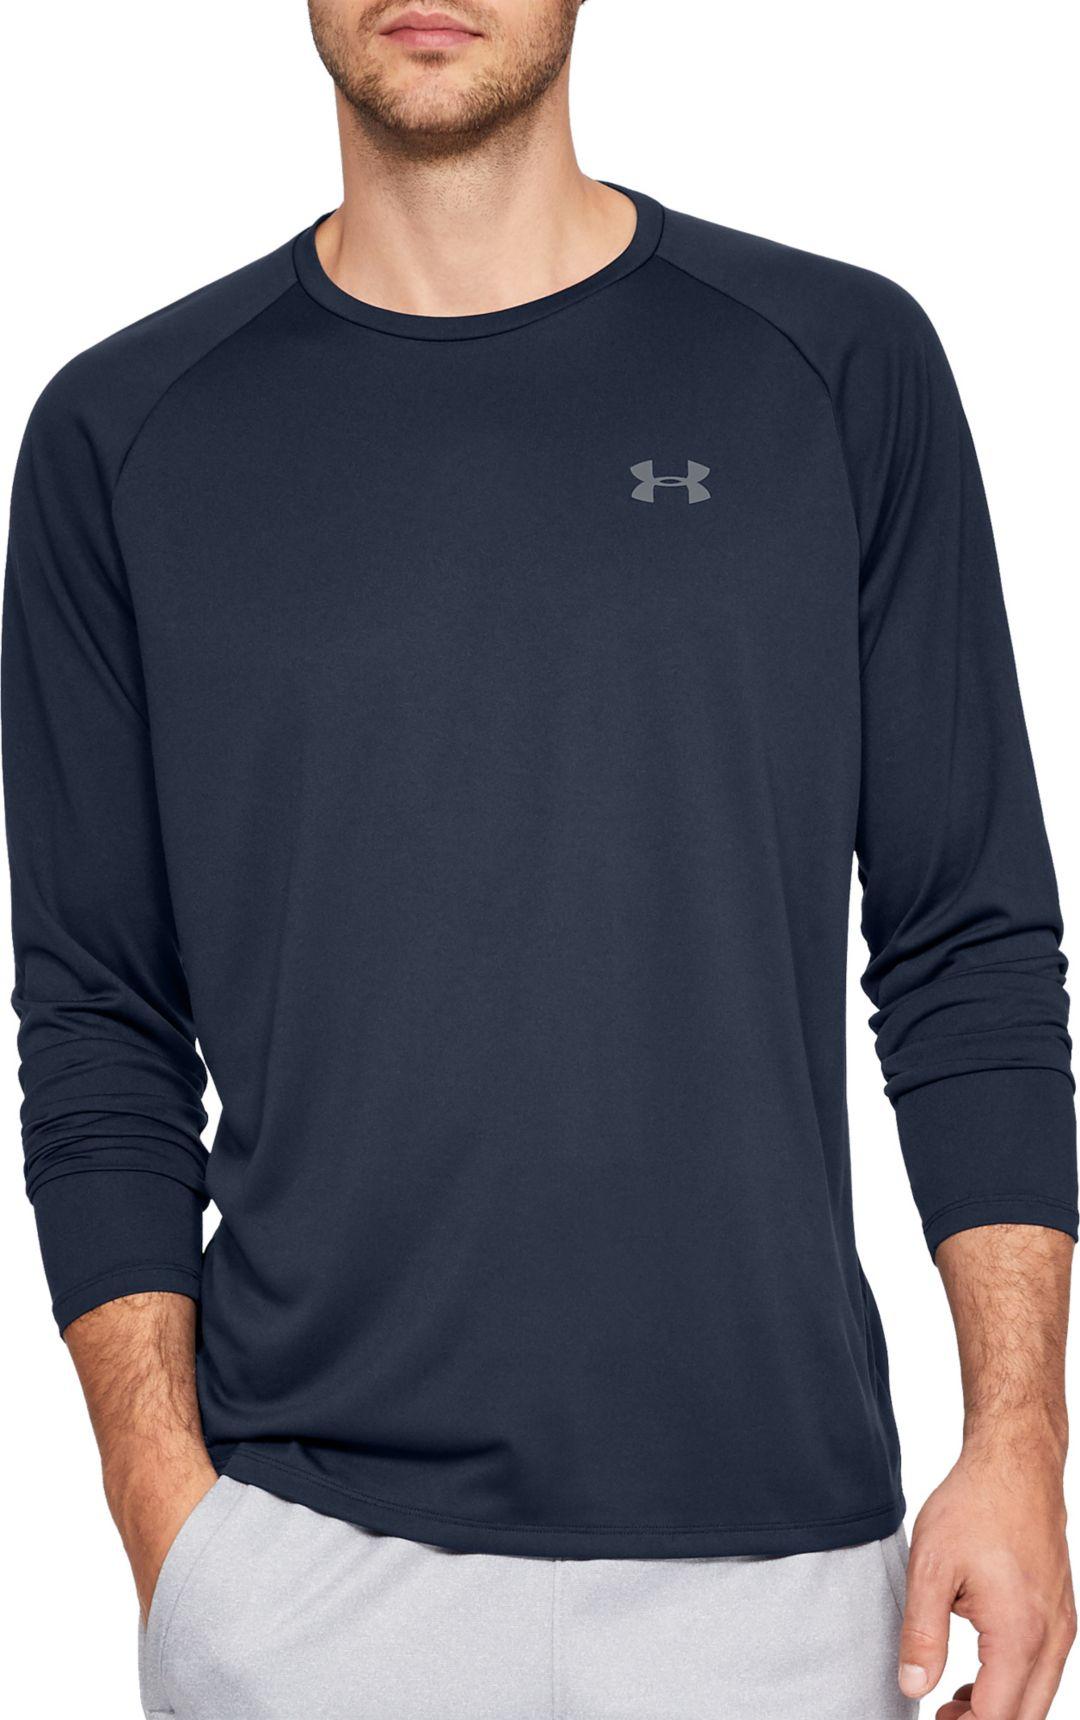 9f6e54d21 Under Armour Men's Tech Long Sleeve Shirt. noImageFound. Previous. 1. 2